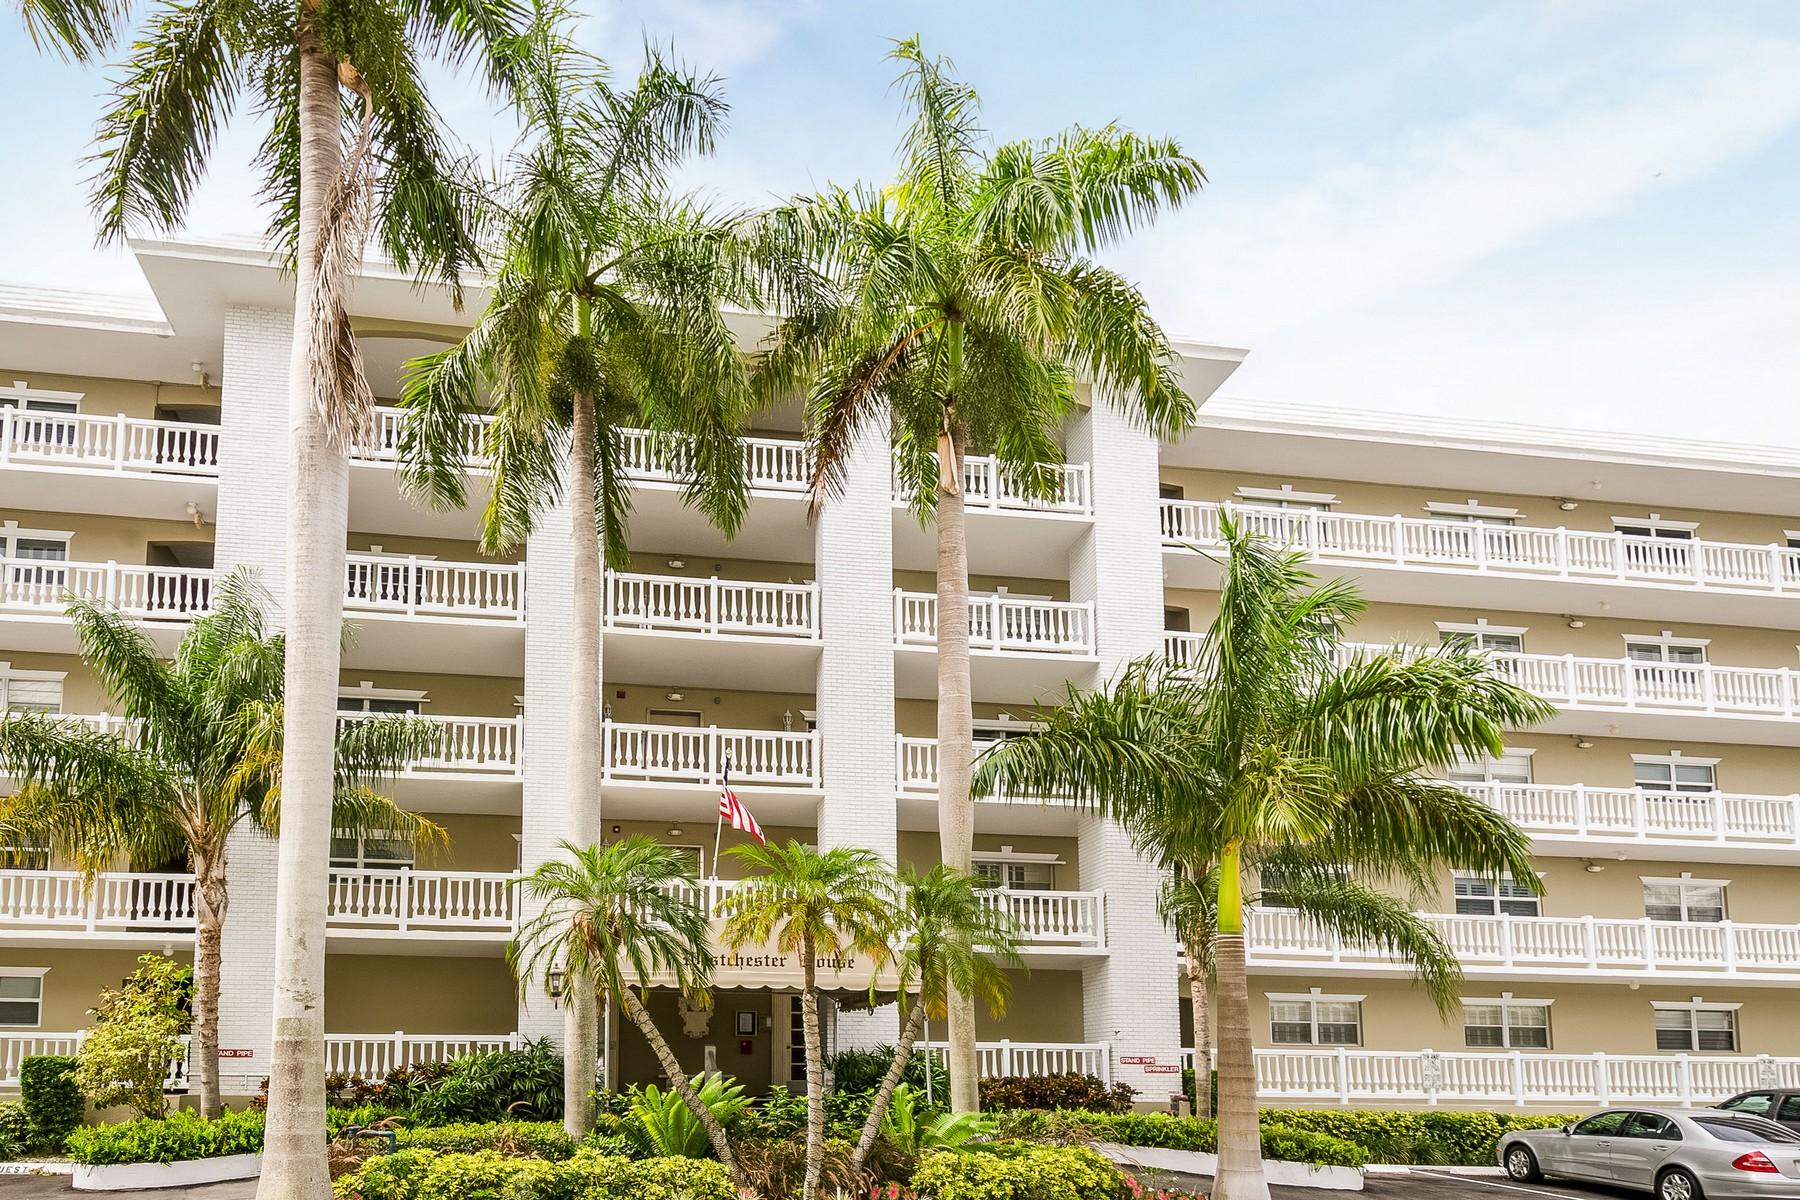 Appartement en copropriété pour l Vente à 3080 NE 47 CT Unit #208 Fort Lauderdale, Florida 33308 États-Unis